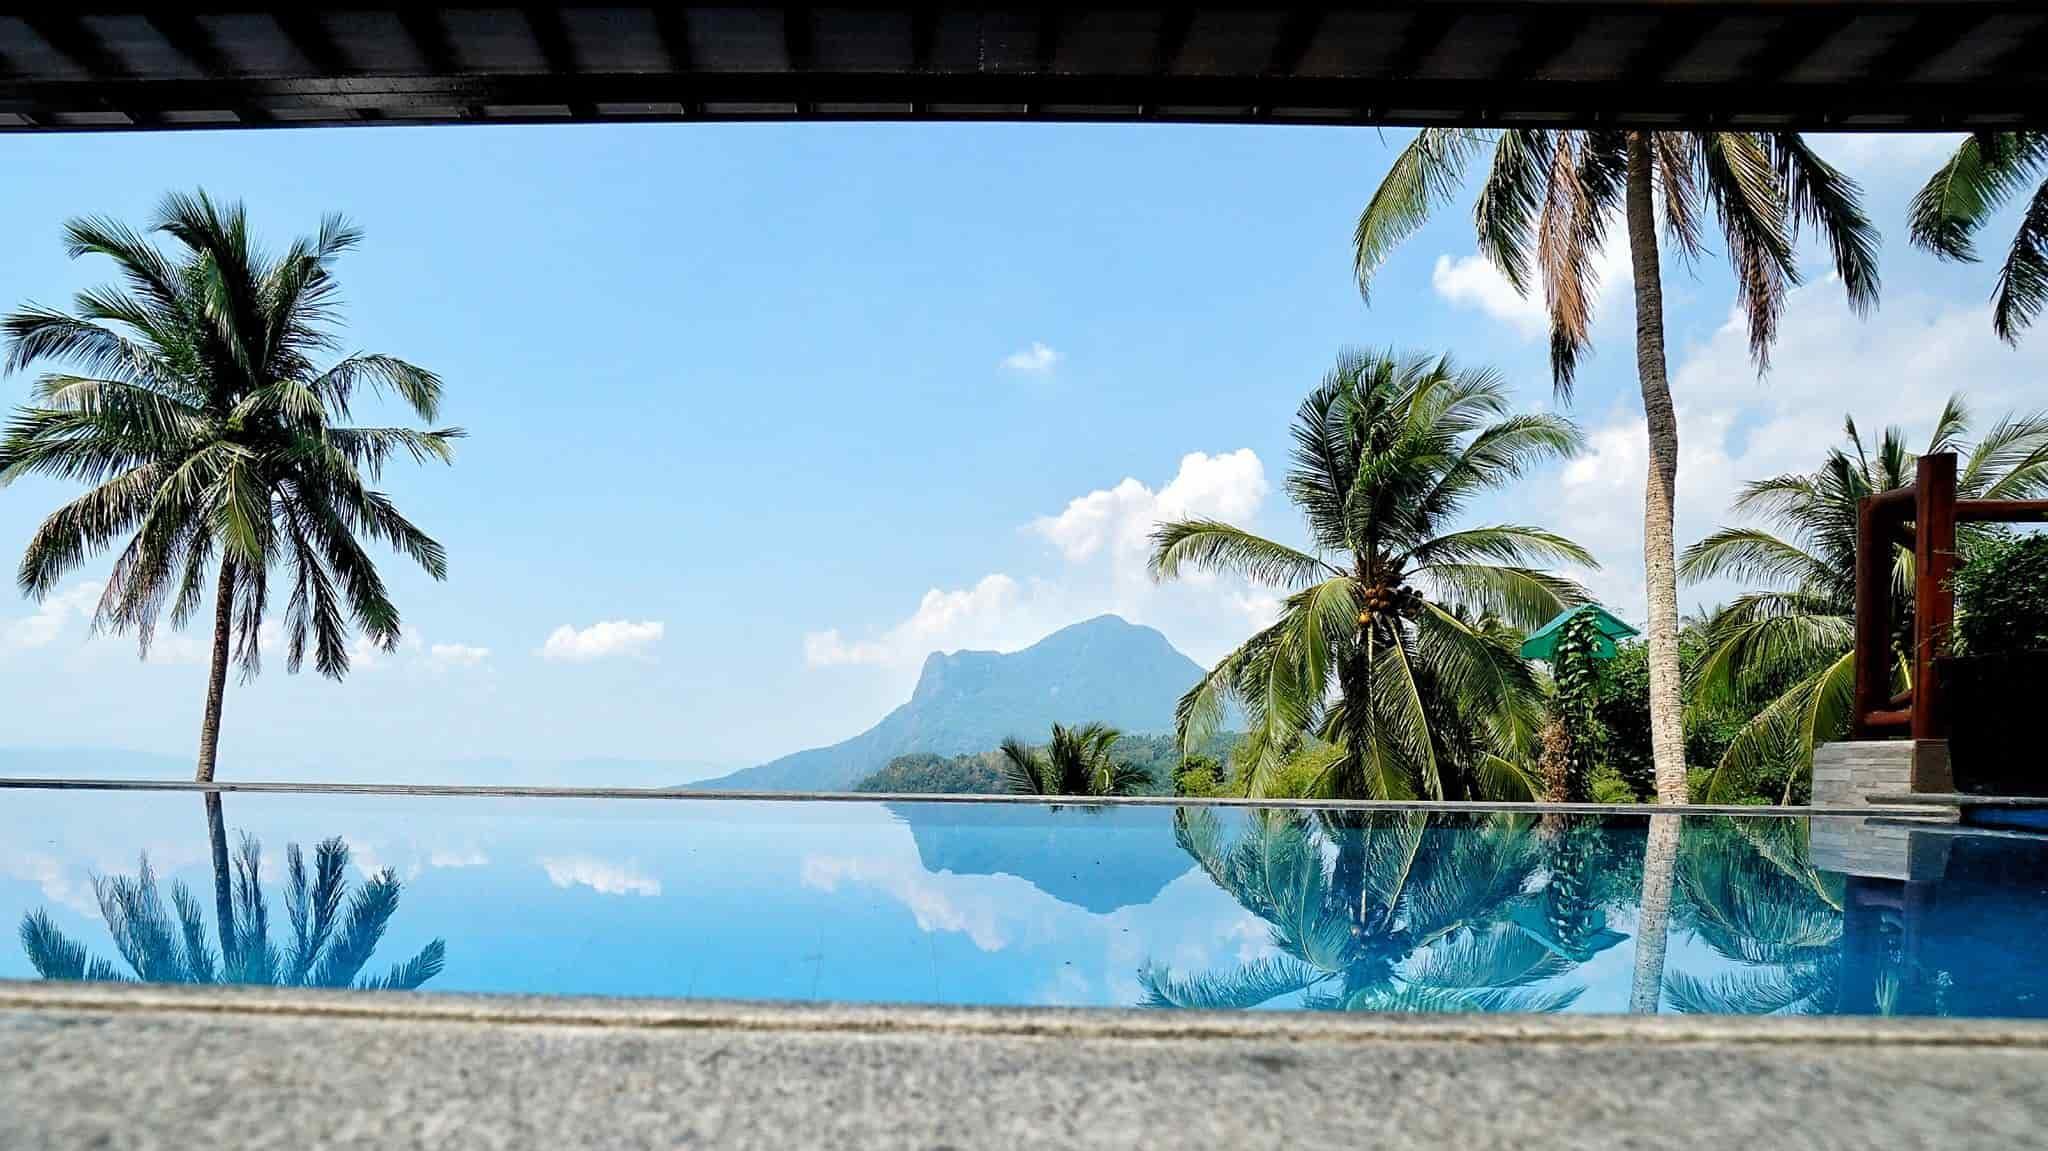 Noni's Resort, Batangas